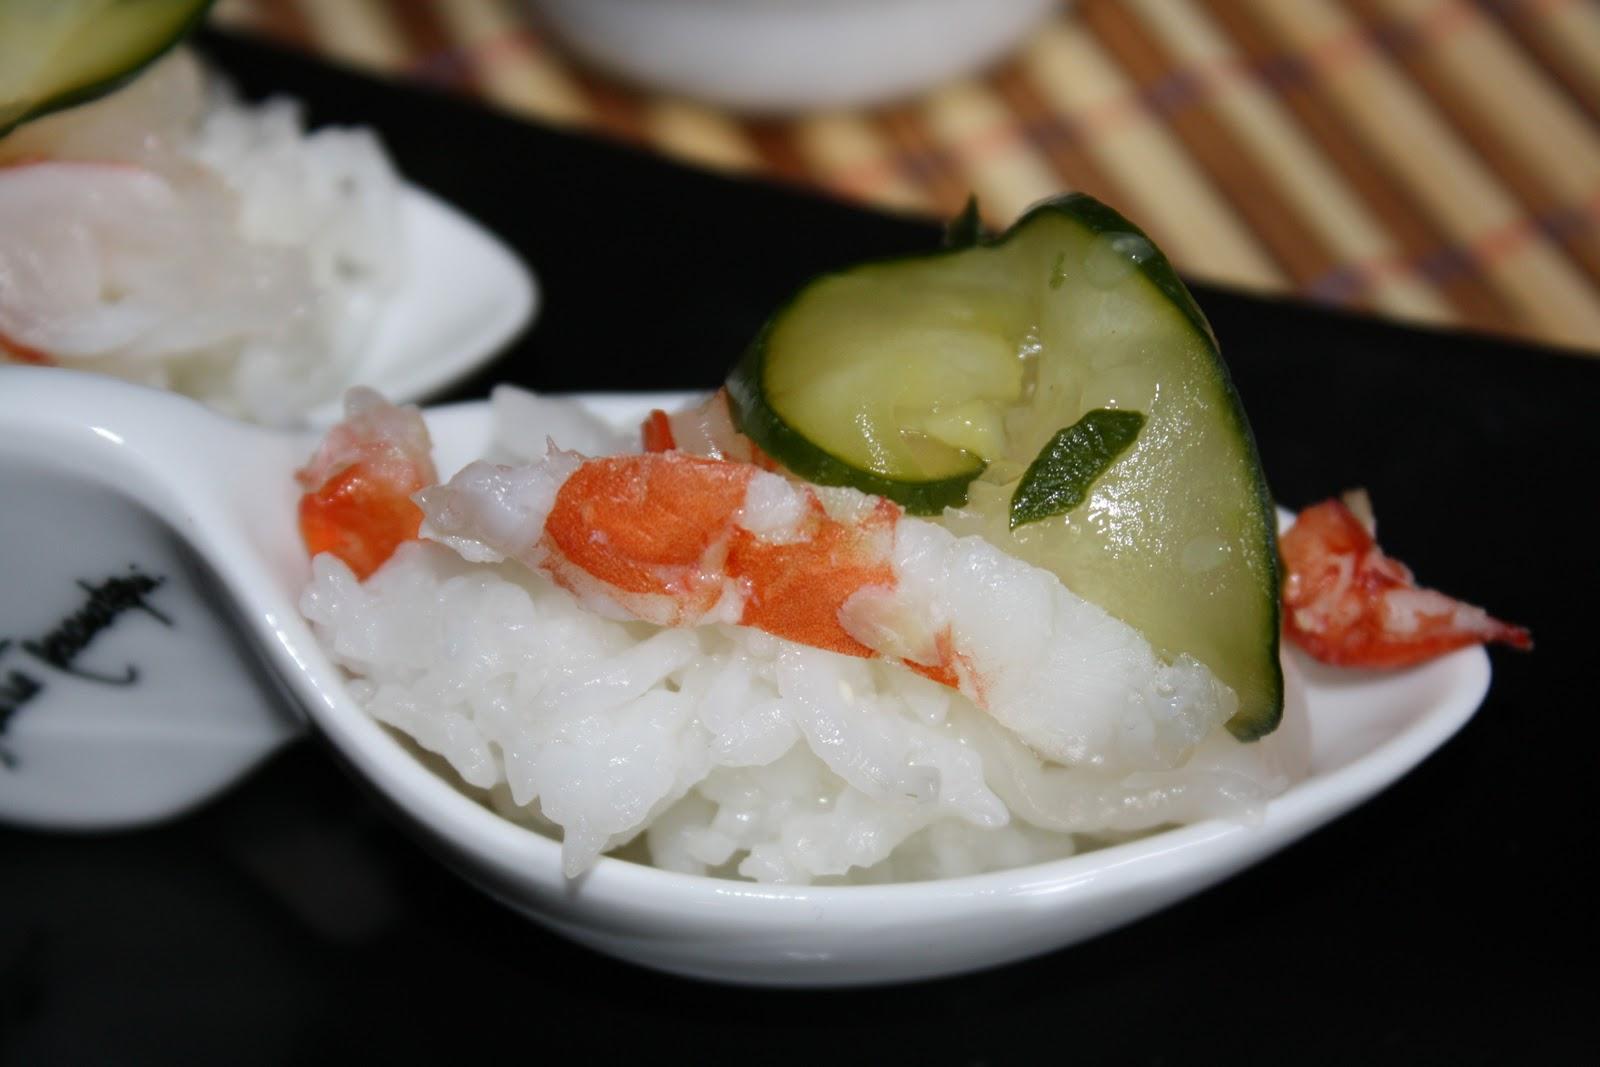 La dieta mediterr nea de nuestra familia ensalada - Ensalada de arroz light ...